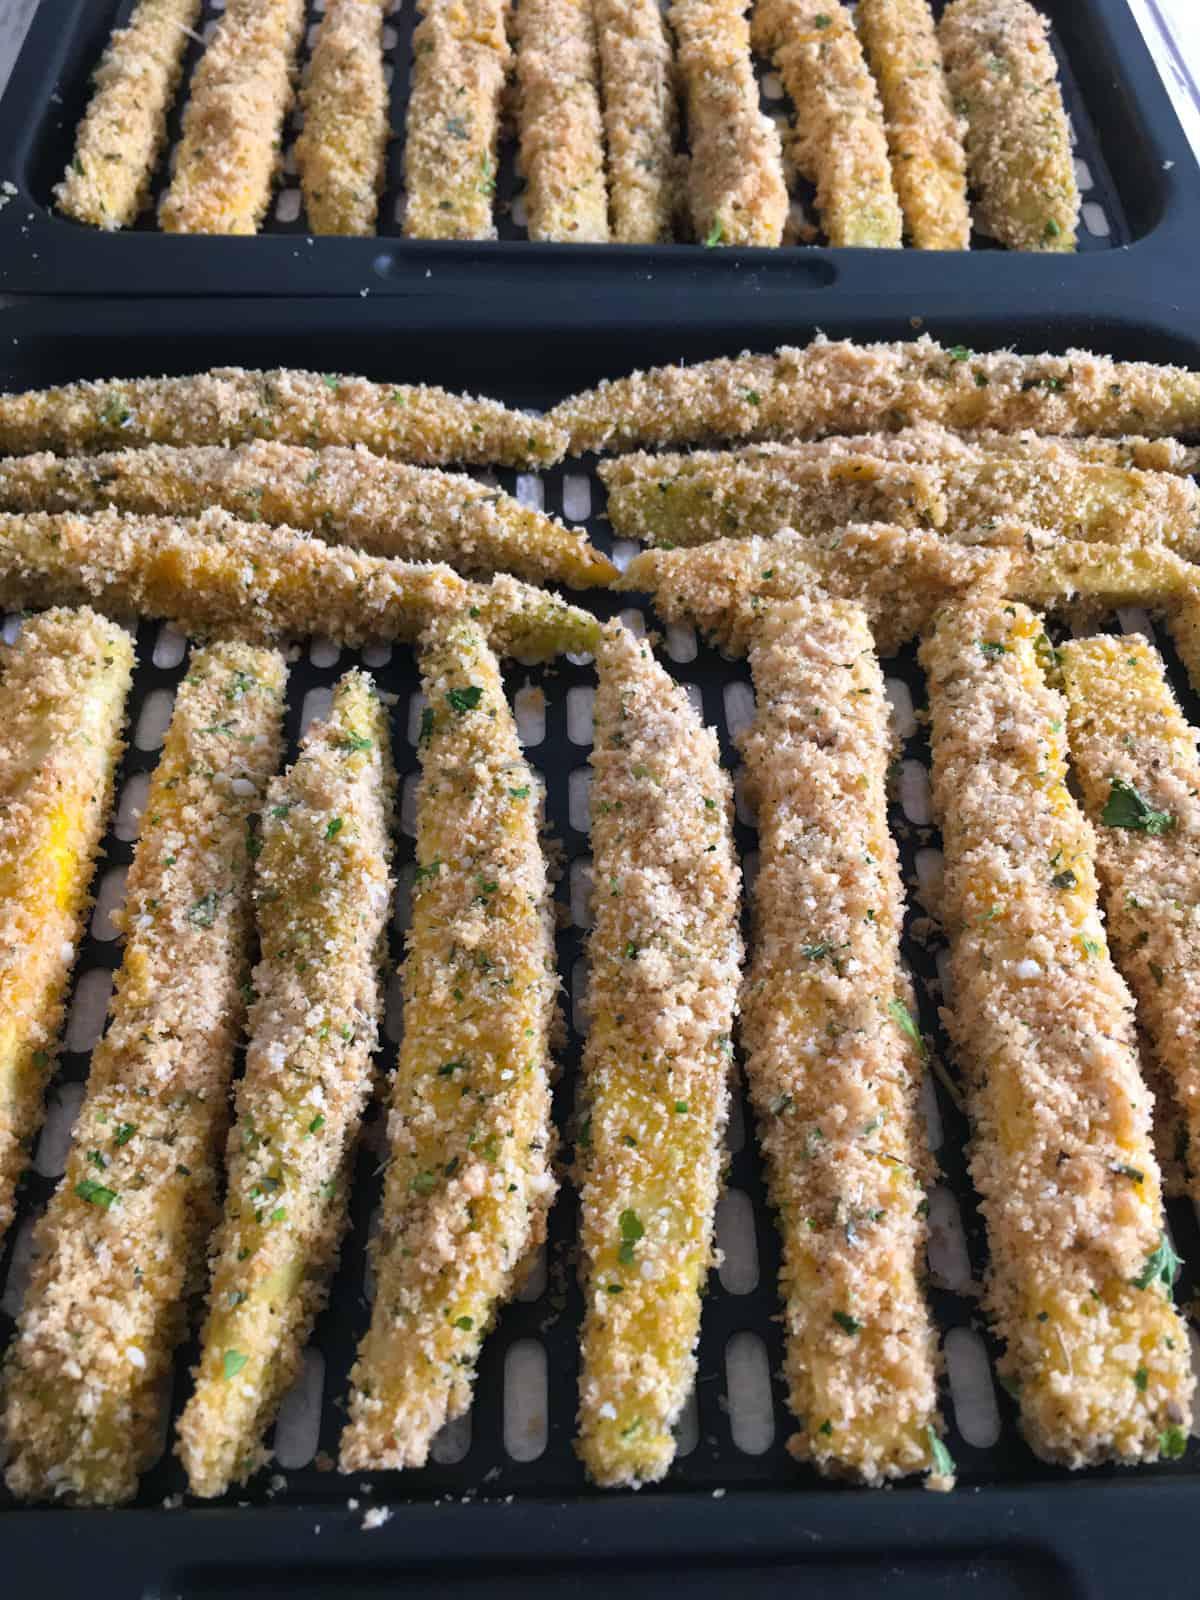 eggplant fries in air fryer